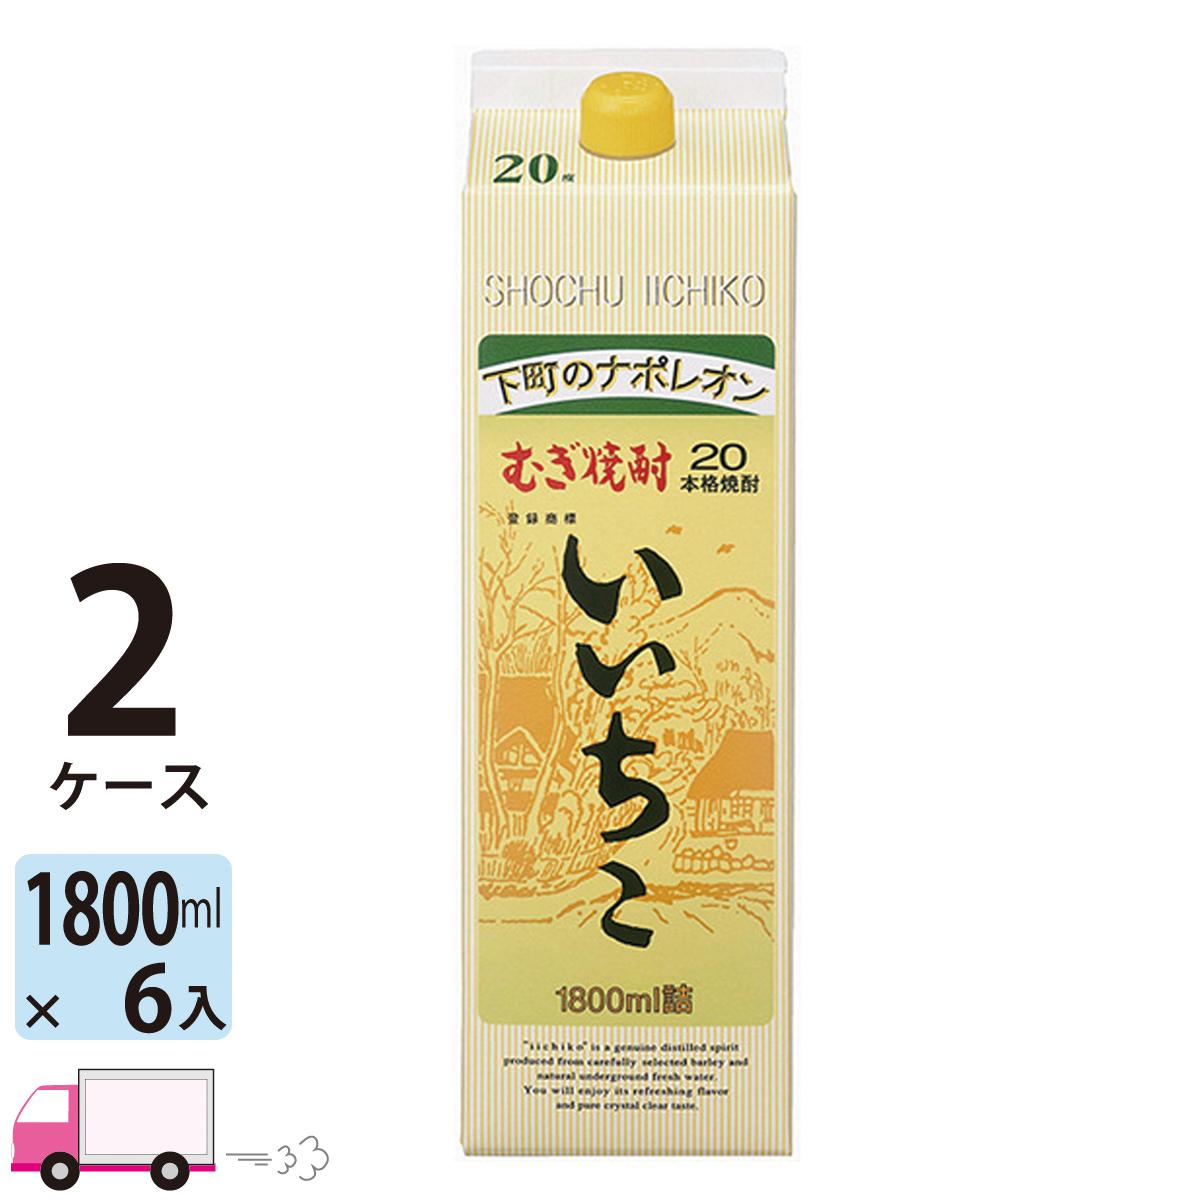 20度!! 送料無料 いいちこ 麦焼酎20度 1.8L (1800ml) パック 6本入 2ケース(12本)